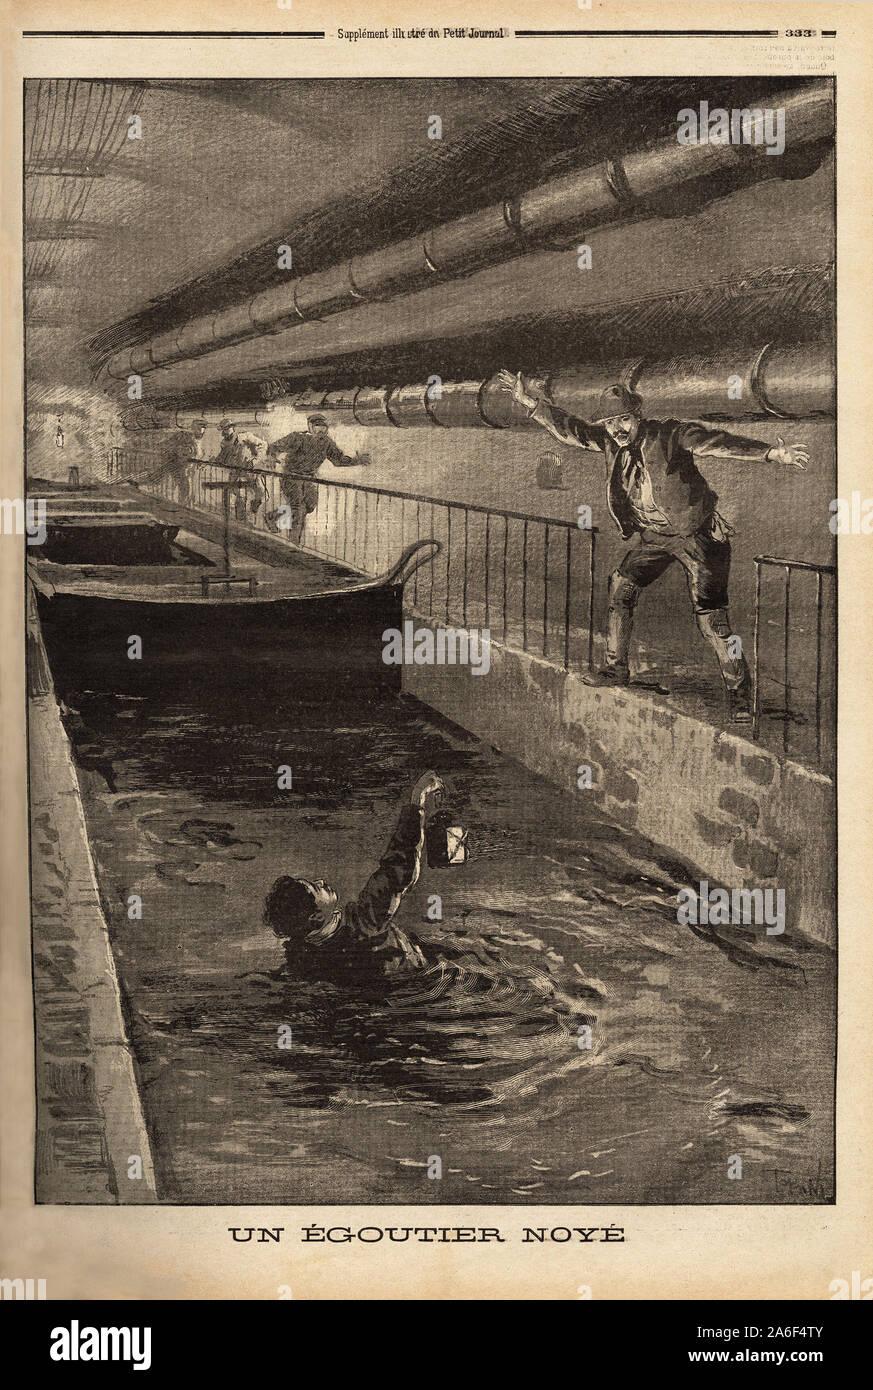 """Un egoutier de Paris se noie en nettoyant une derivation fangeuse. Gravure in """"Le petit journal"""" 15/9/1899. Stock Photo"""